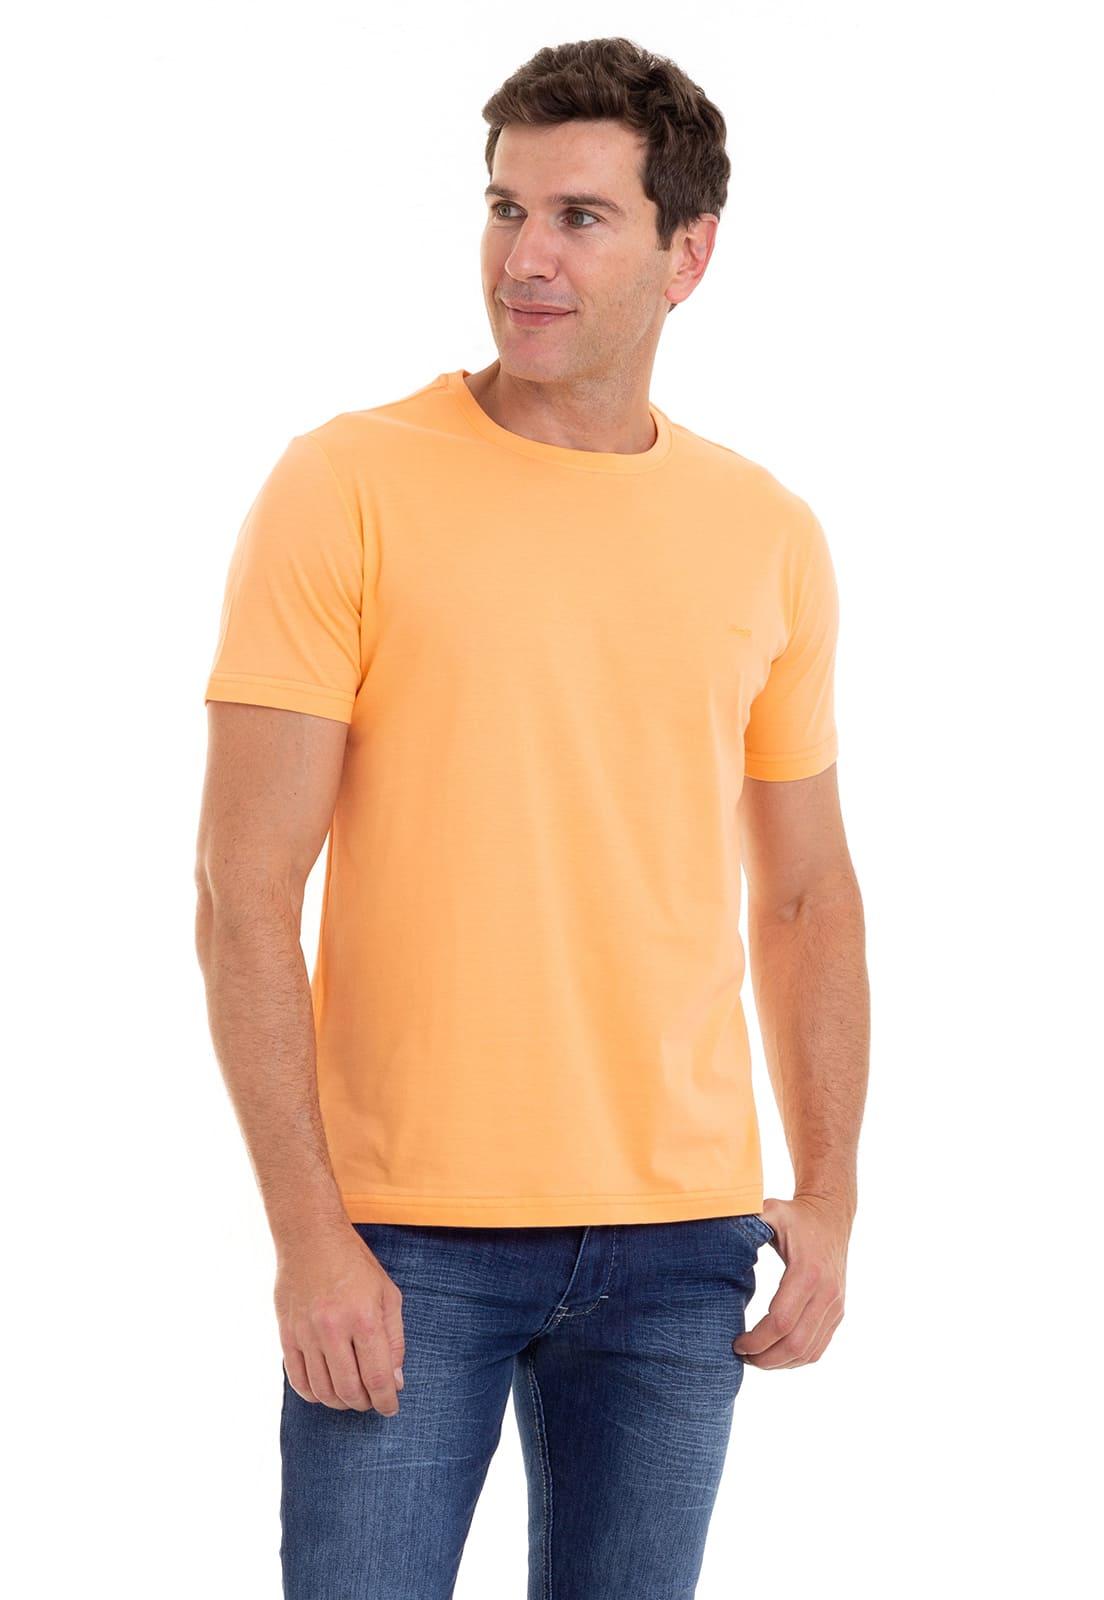 Camiseta 100% Algodão Super Premium, Na Cor Laranja